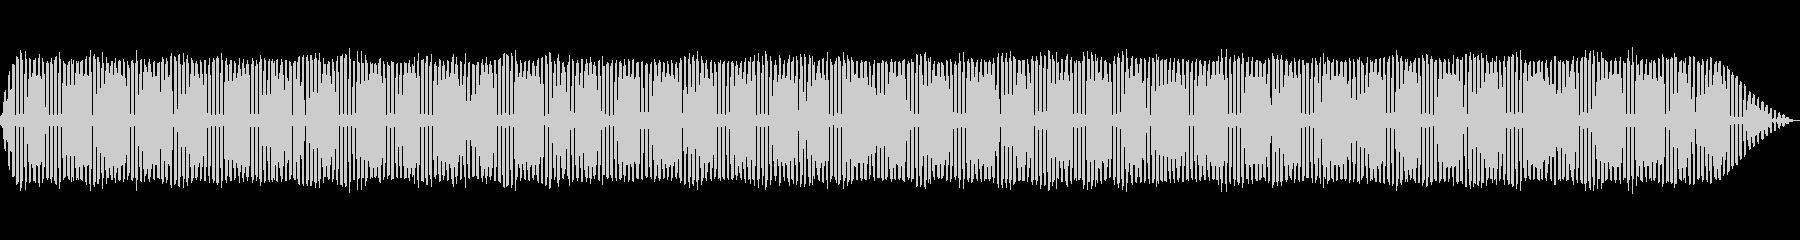 【生録音】秋の虫たちが鳴く音3の未再生の波形